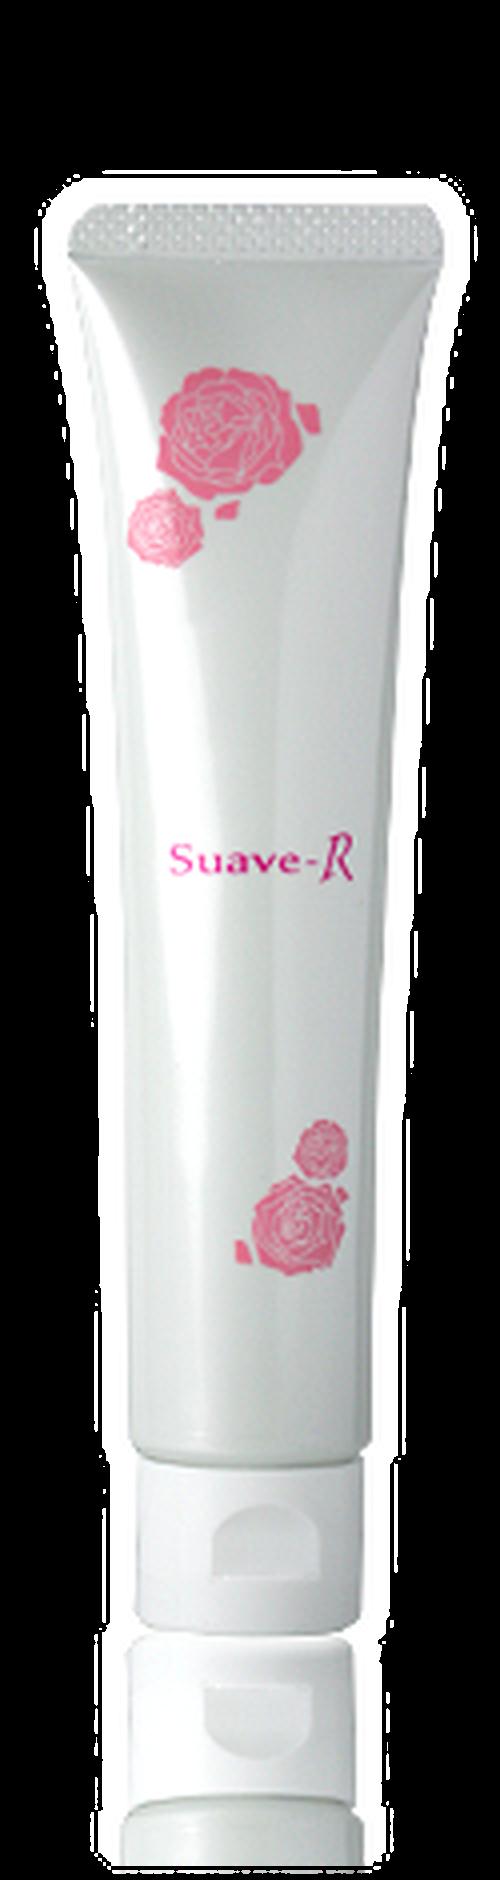 Suave-R(スアーヴR)